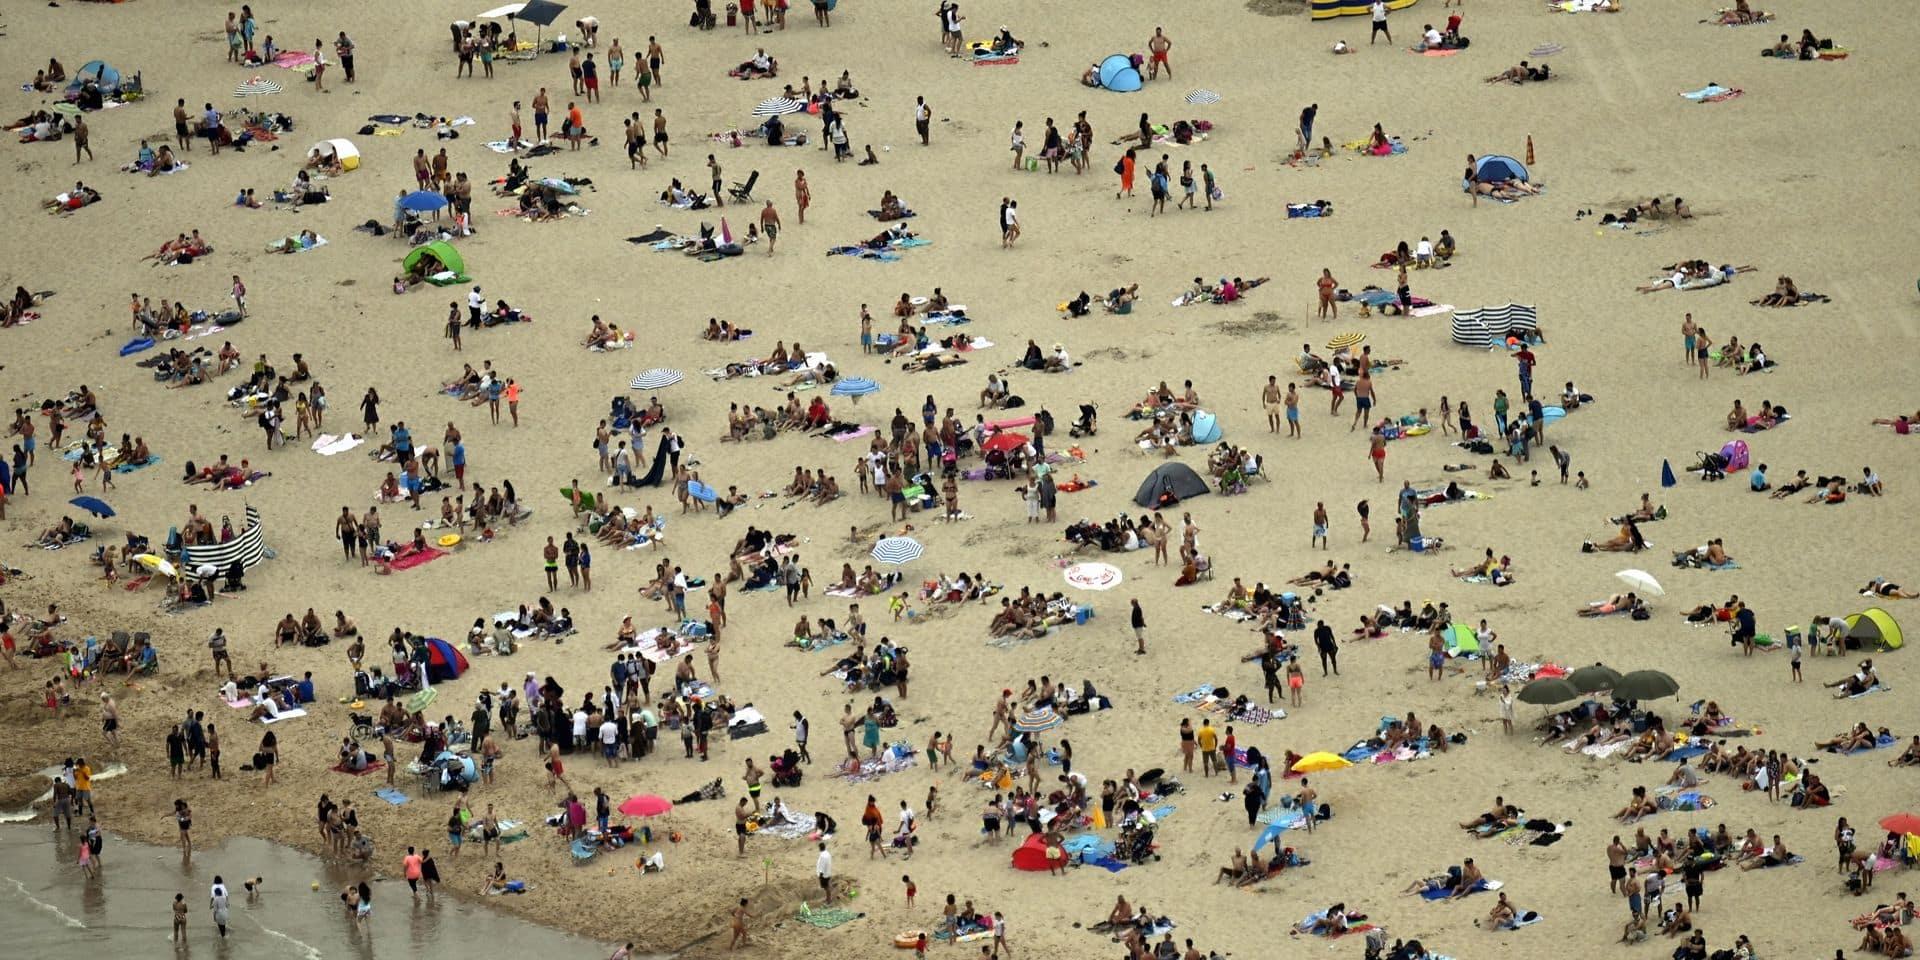 """Une amende de 400 euros pour avoir bu du vin sur la plage en France: """"On en a ras-le-bol"""""""